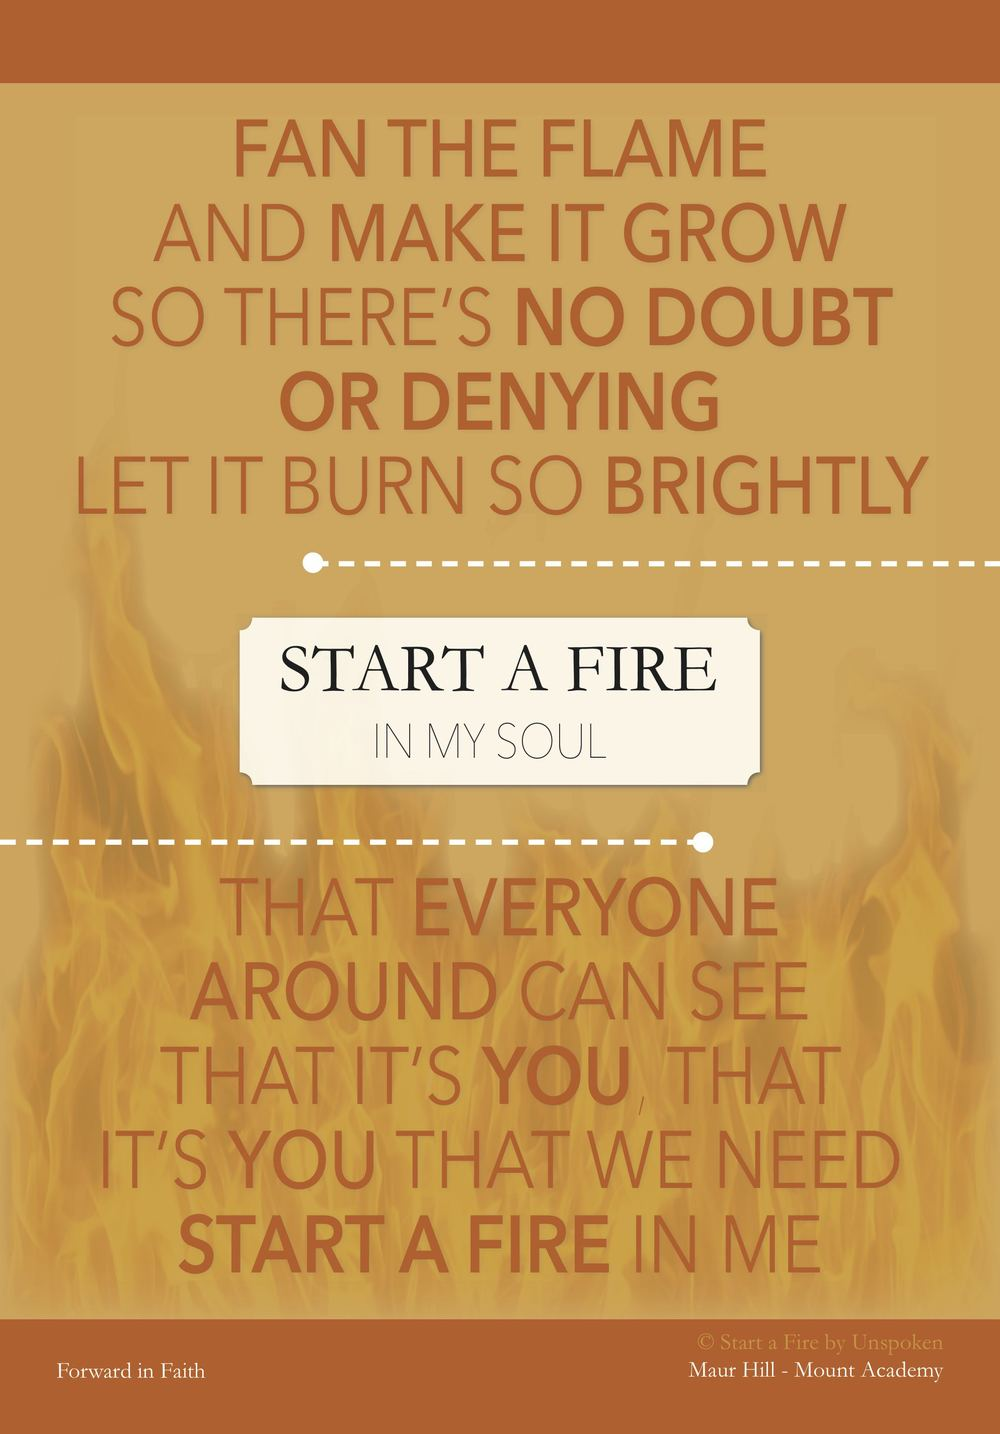 Start a Fire1.jpg